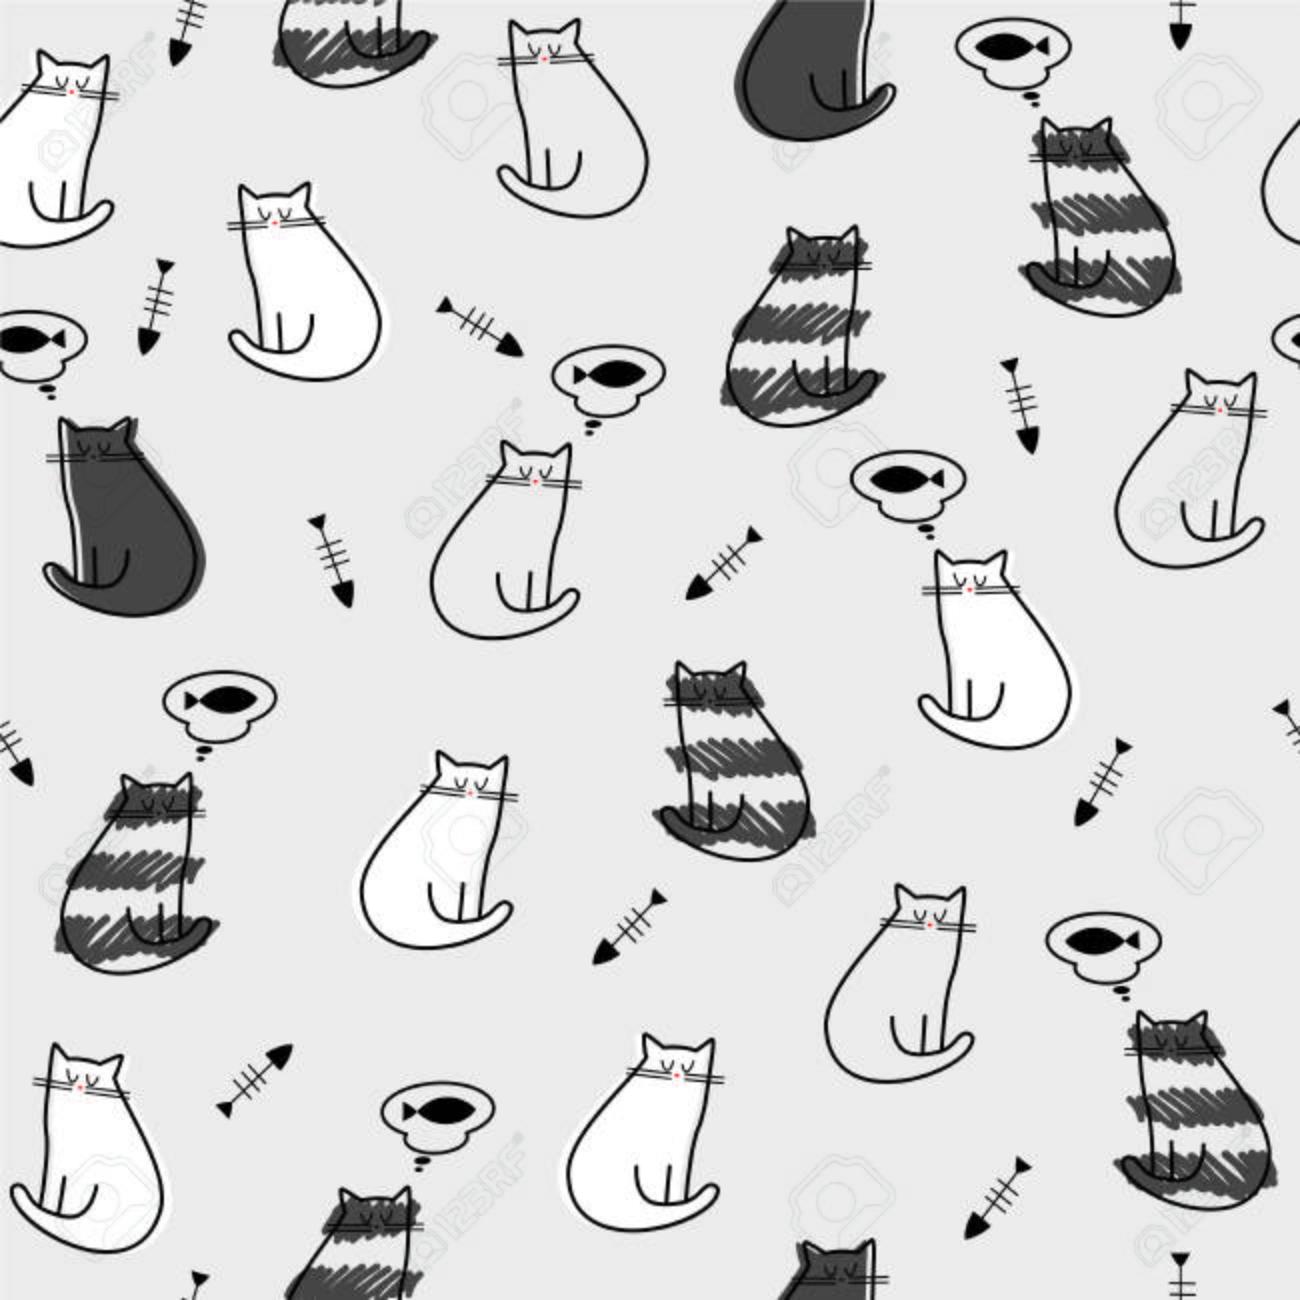 Vektor Nahtlose Muster Textur Hintergrund Tapete Katze Fisch